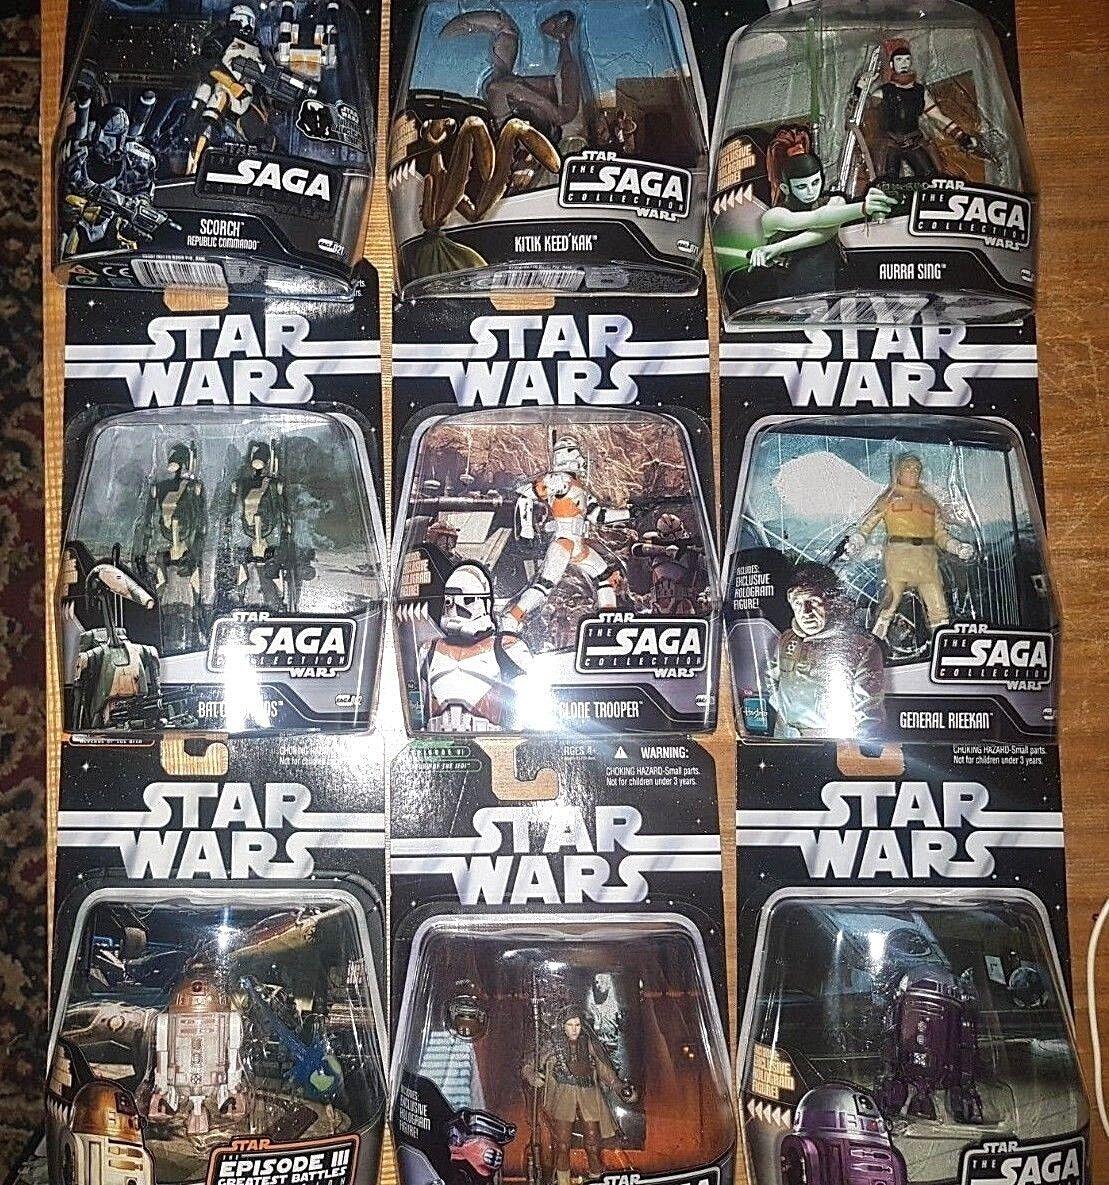 Star Wars 3.75 . La saga collection figures.